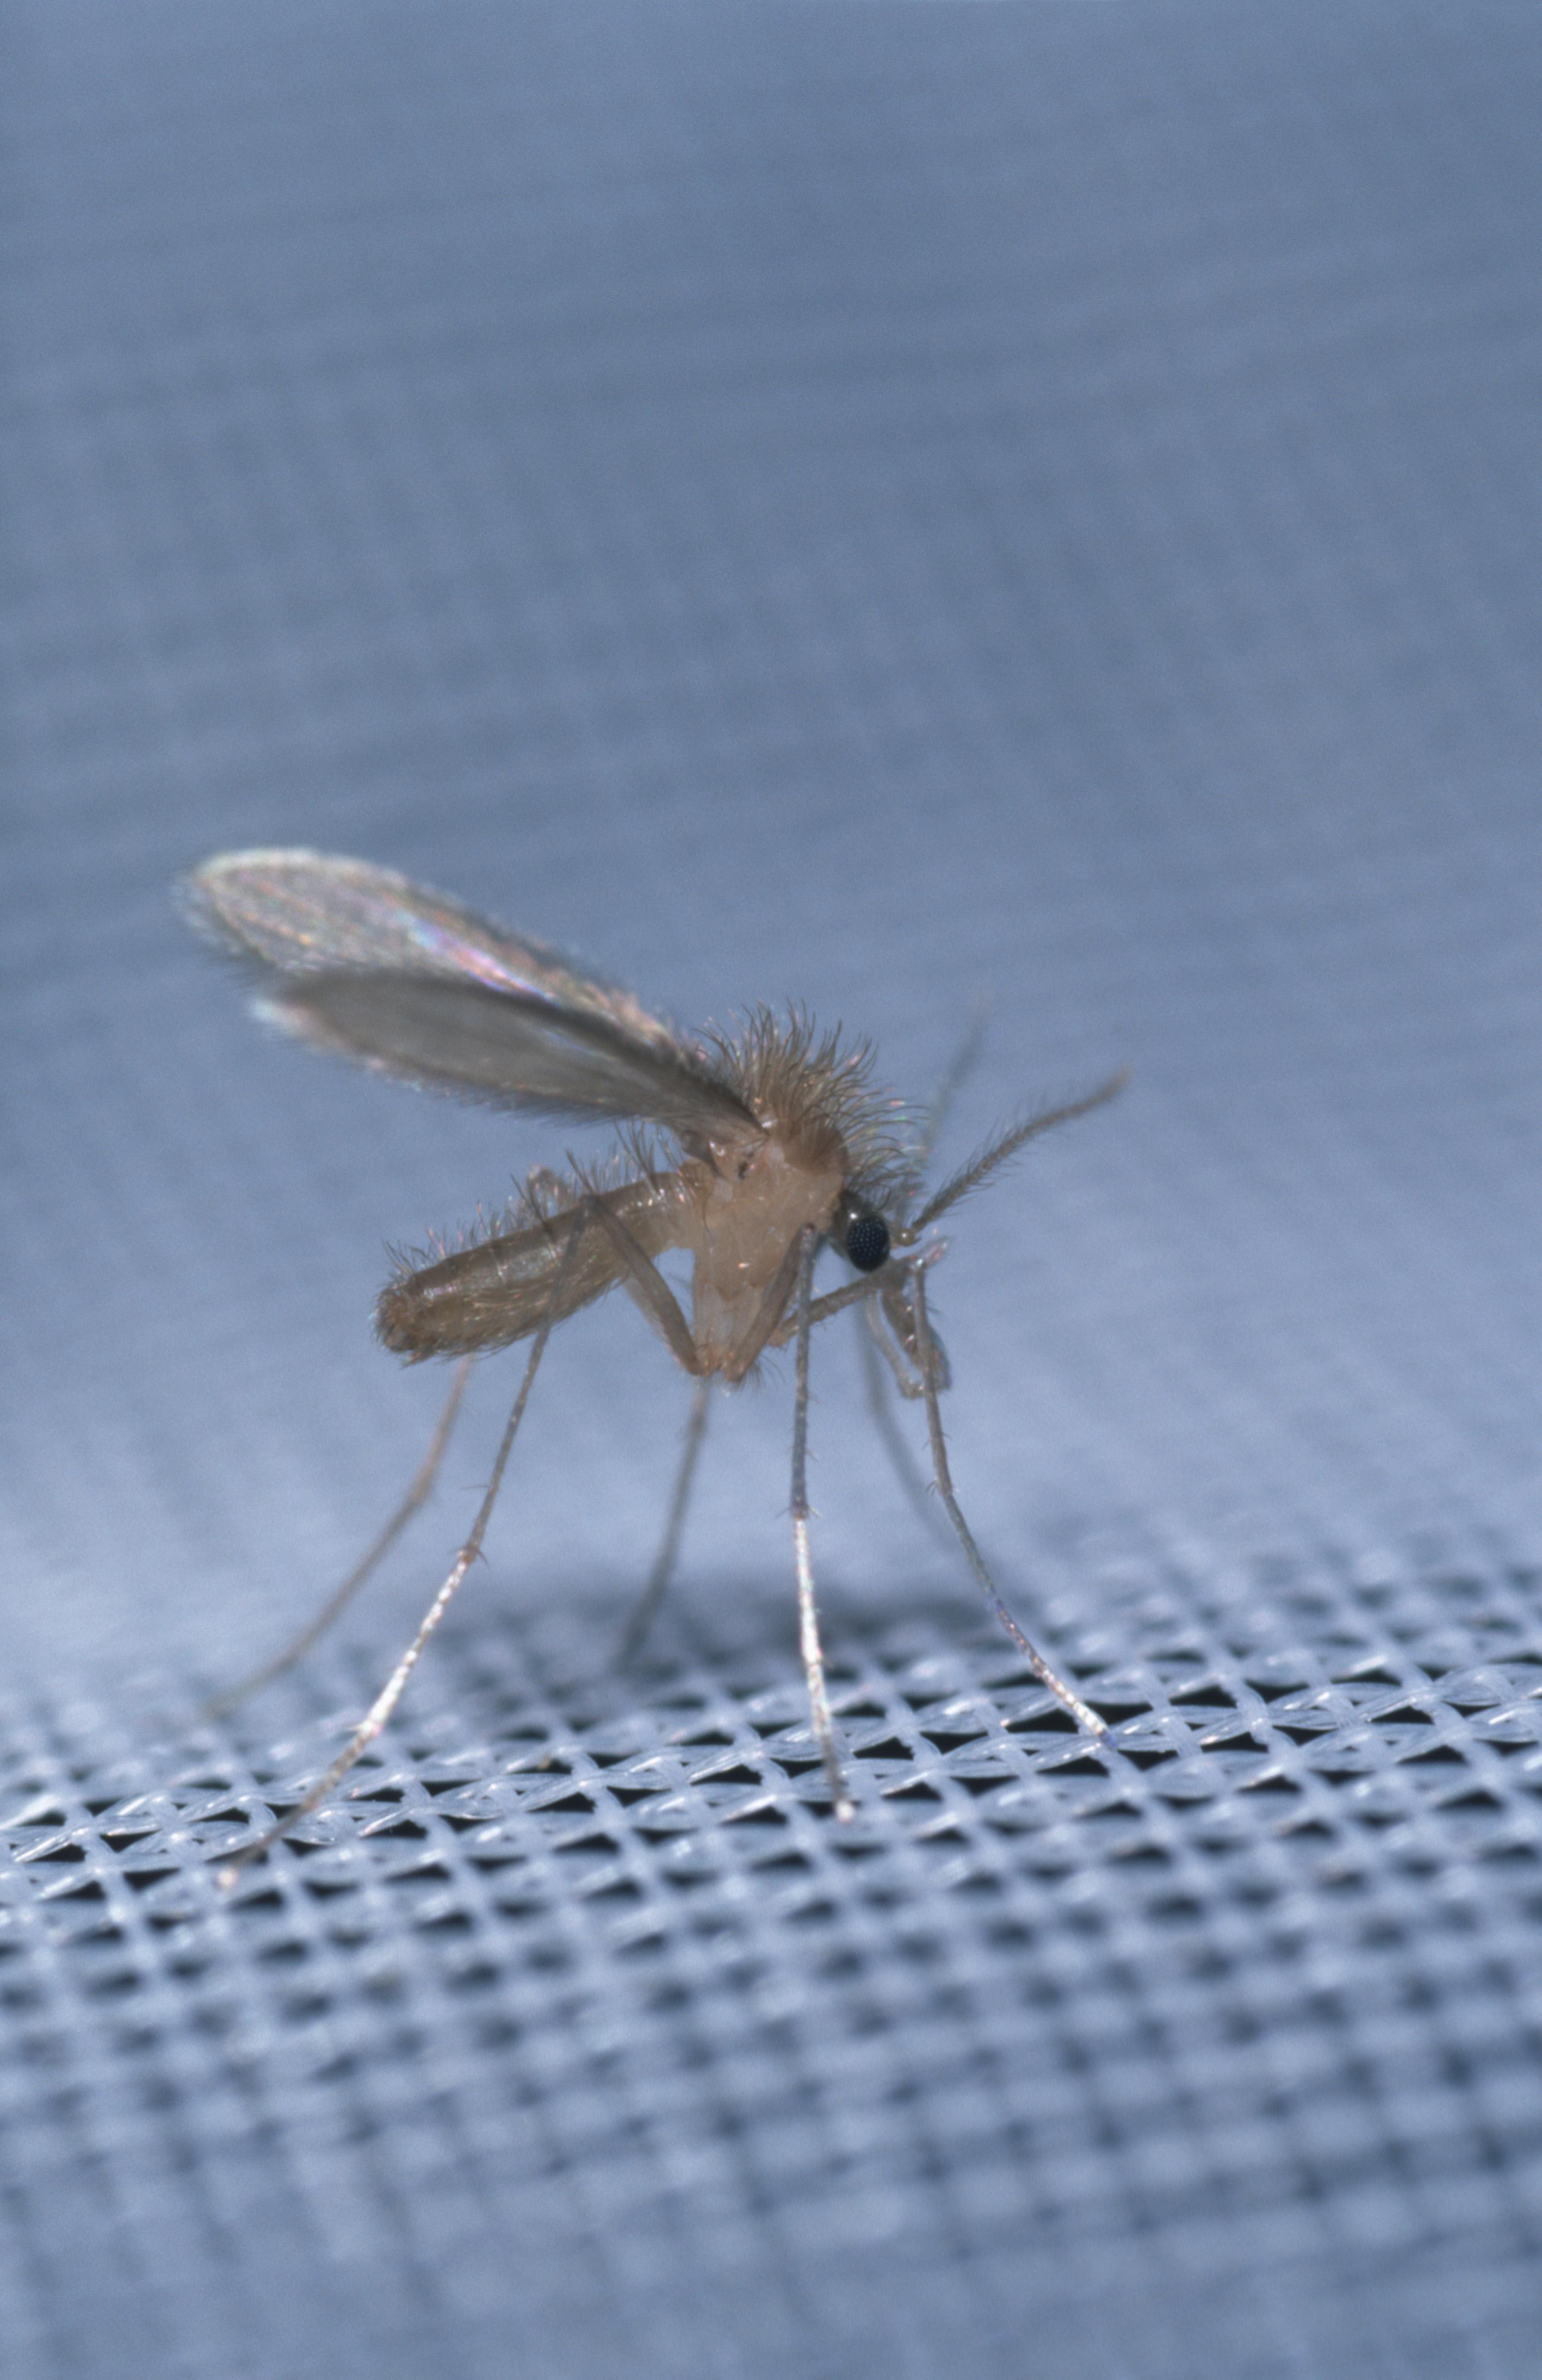 Szúnyogok, kullancsok (paraziták) – nem csak számunkra idegesítőek.